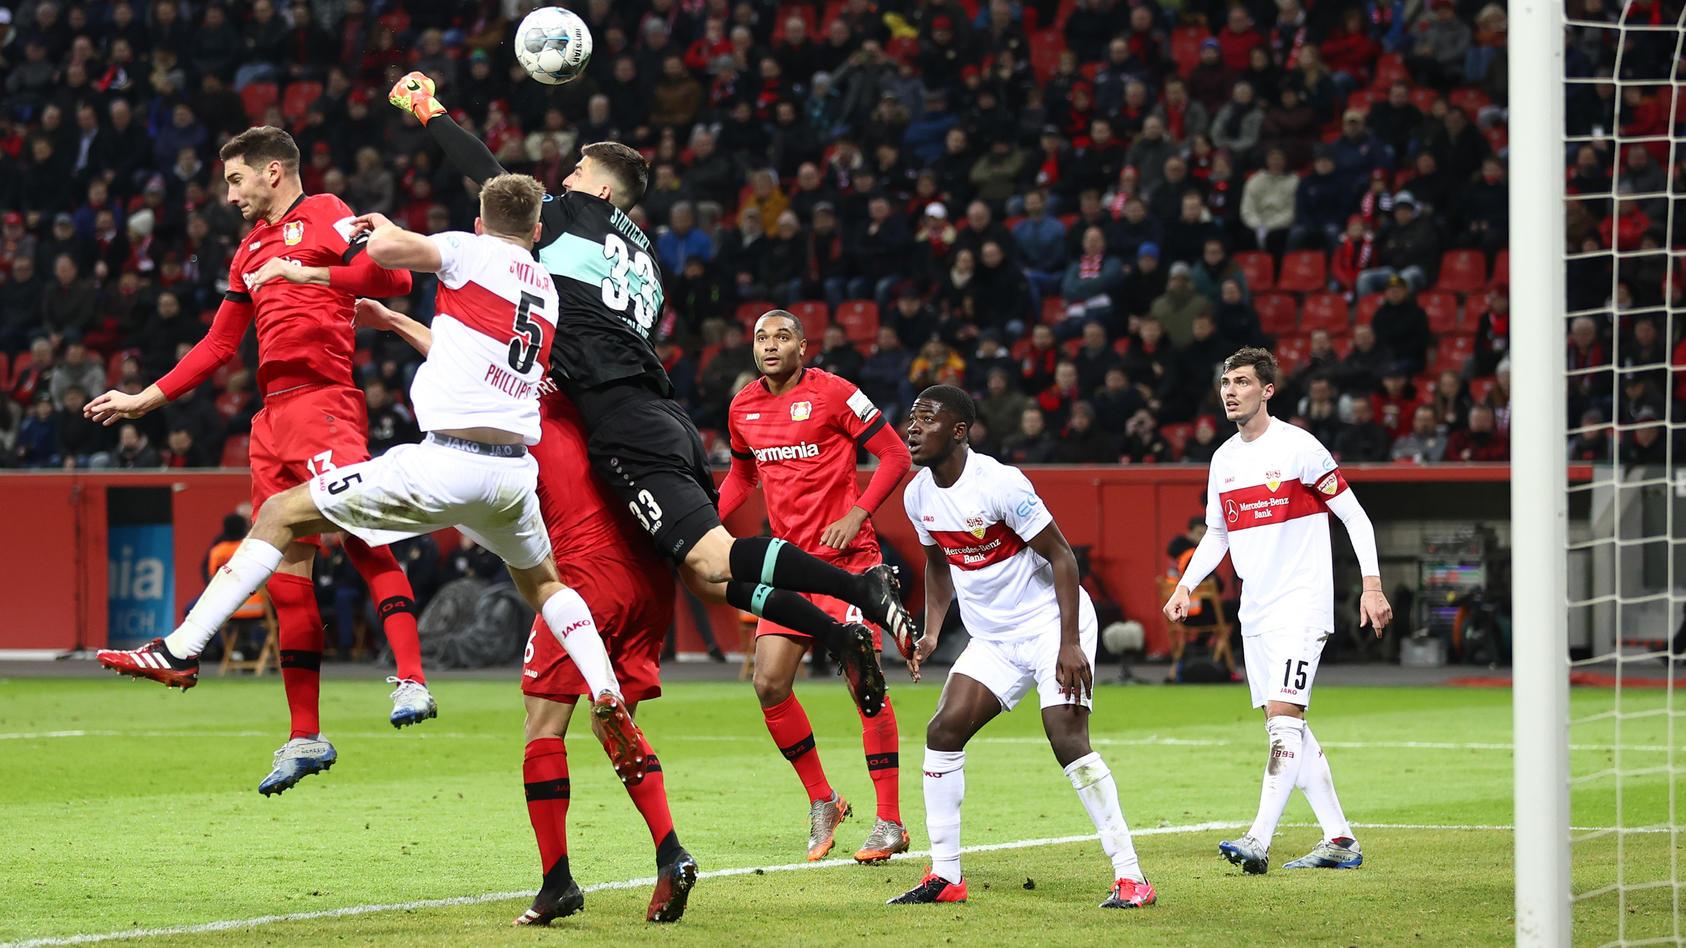 Bayer 04 Leverkusen v VfB Stuttgart - DFB Cup